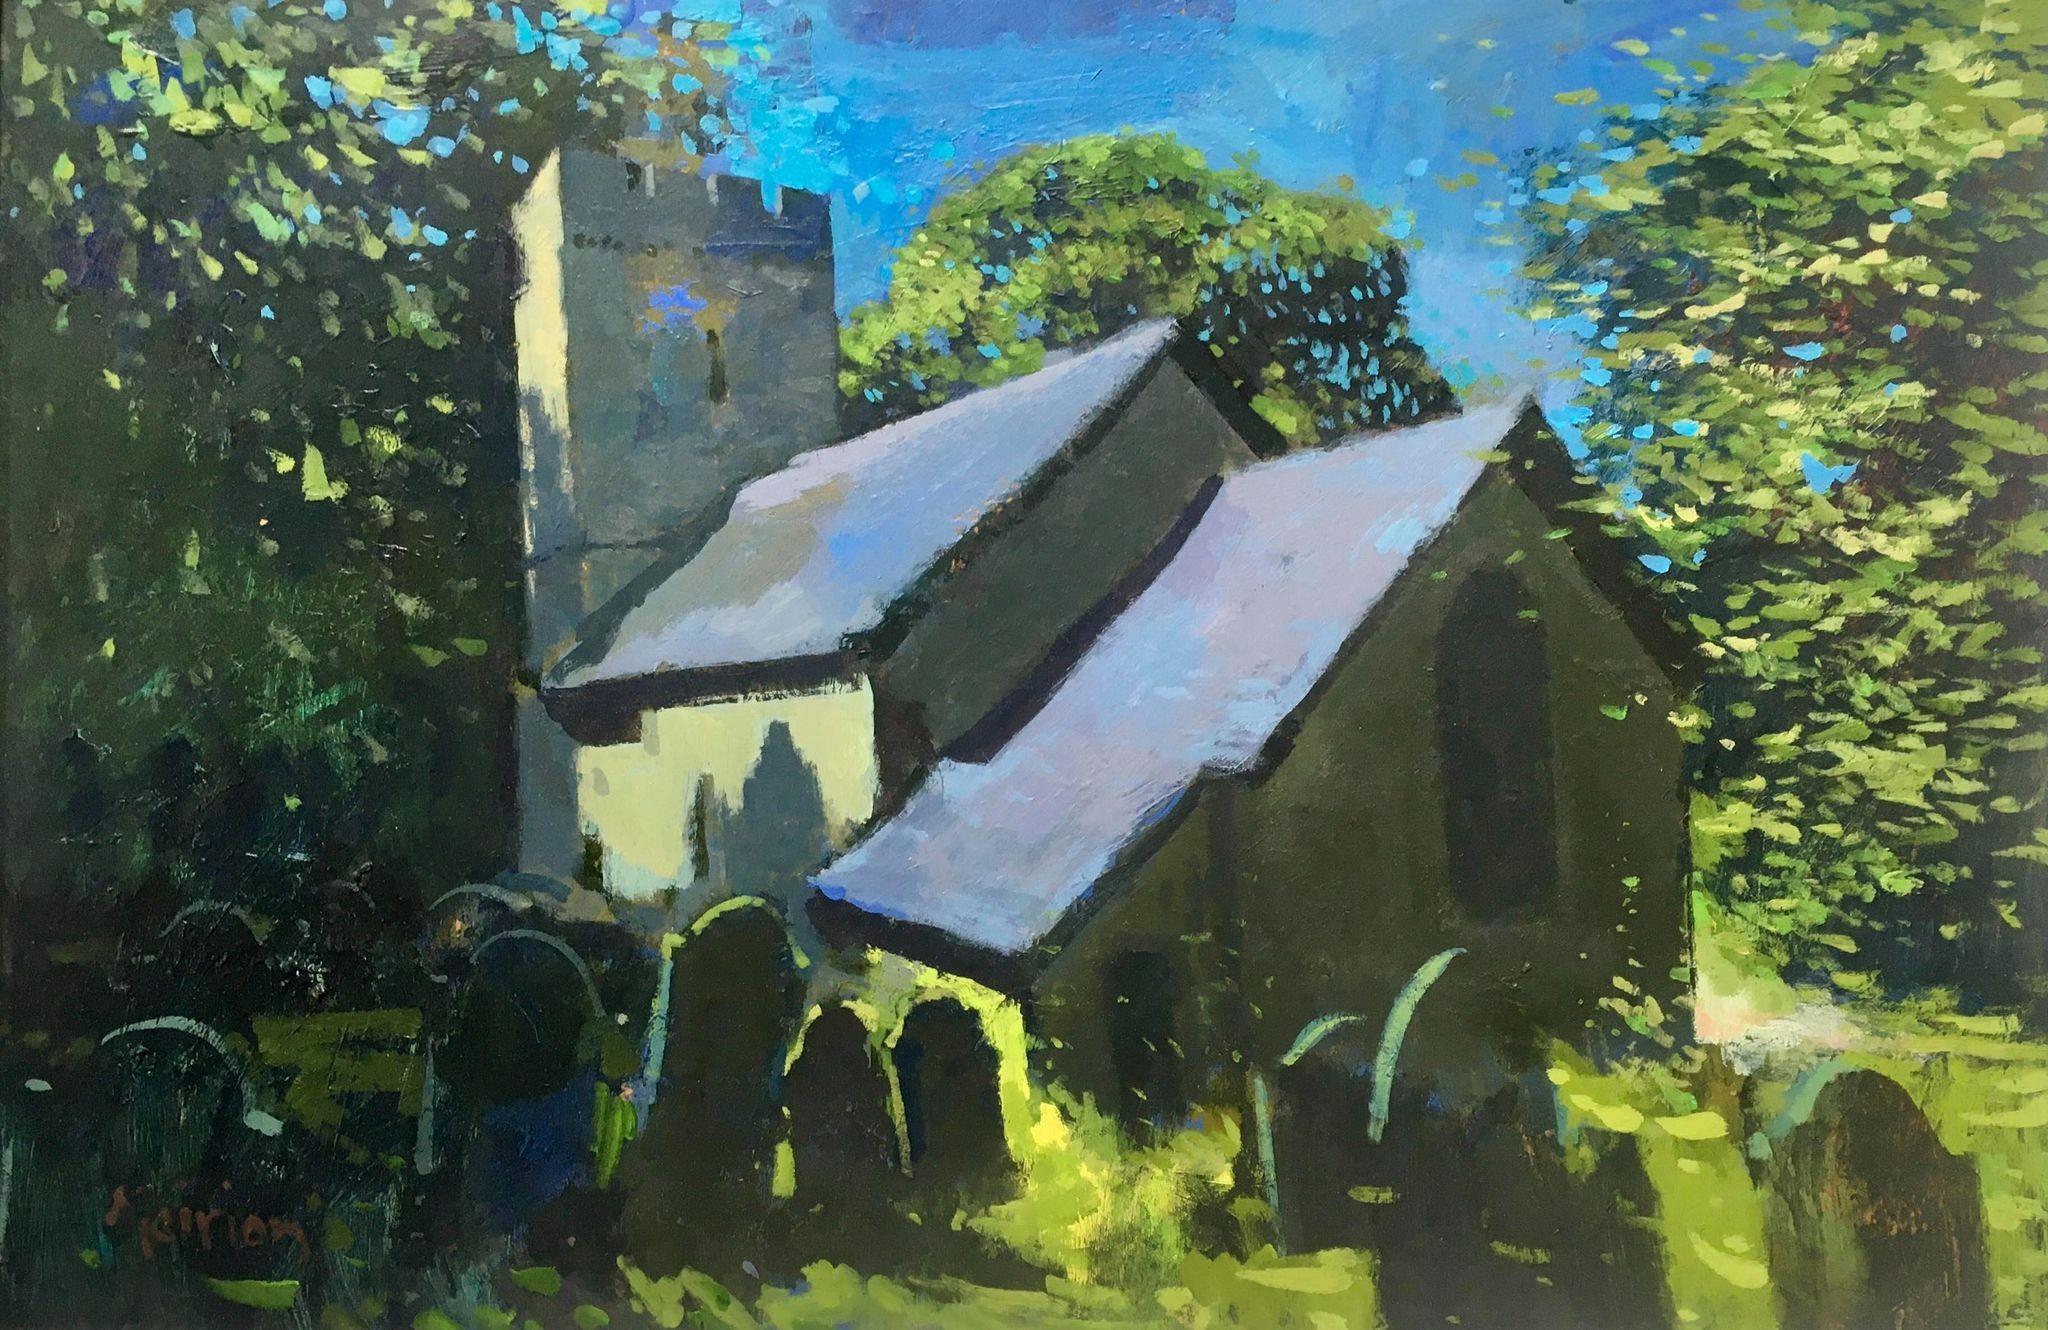 St. Illtyd's, Oxwich   40 x 59 cm   Acrylic